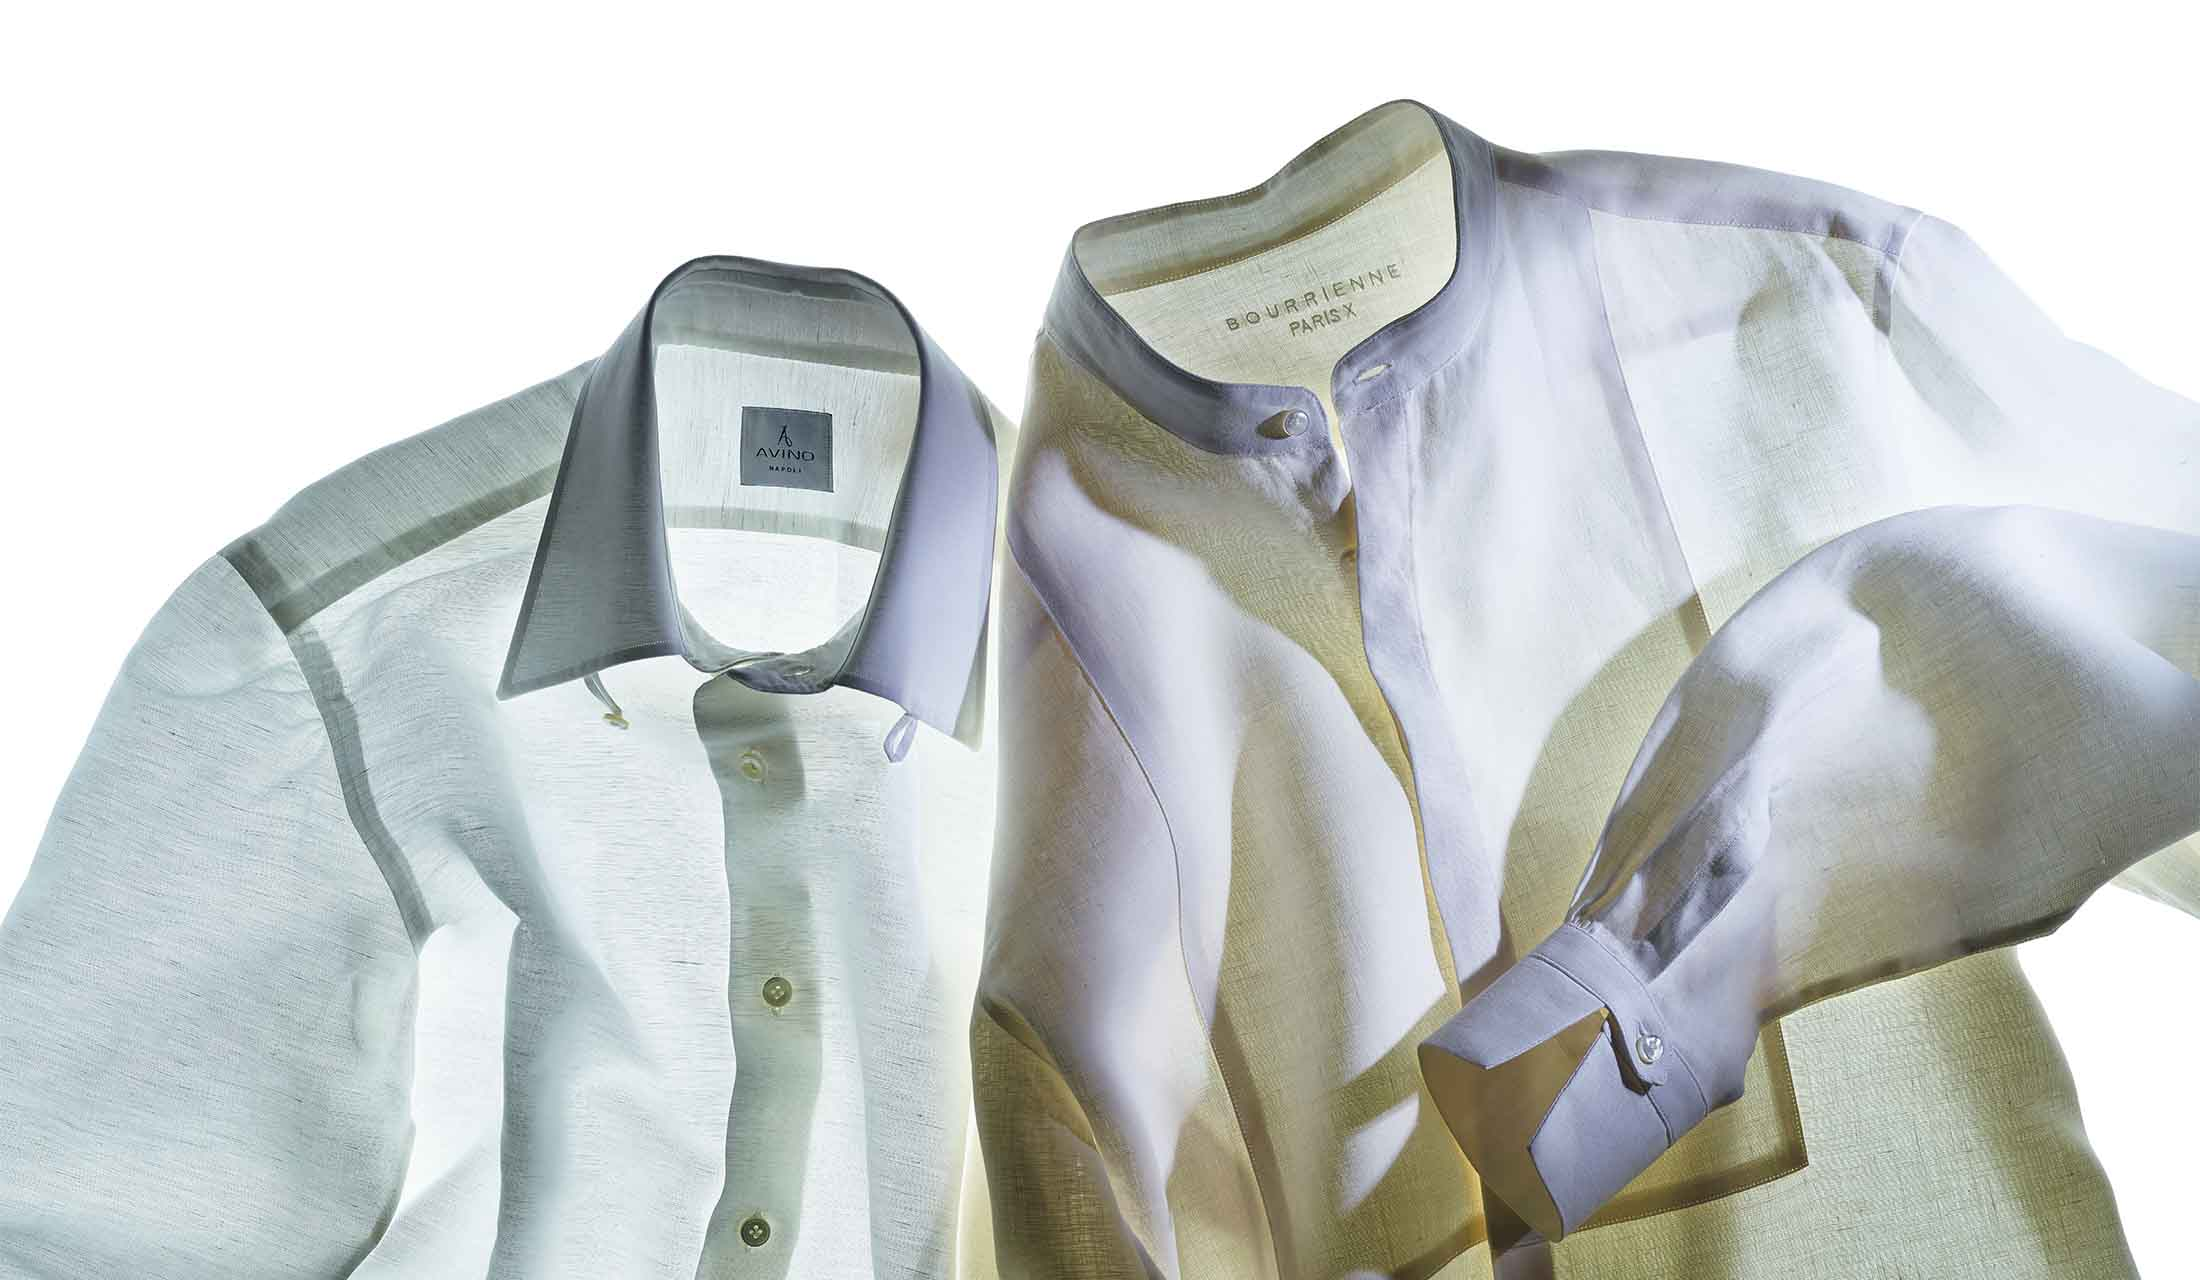 左/アヴィーノ ラボラトリオ ナポレターノのシャツ(ユナイテッドアローズ 六本木ヒルズ店〈アヴィーノ ラボラトリオ ナポレターノ〉)右/ブリエンヌ パリ ディスのシャツ(シップス 銀座店〈ブリエンヌ パリ ディス〉)